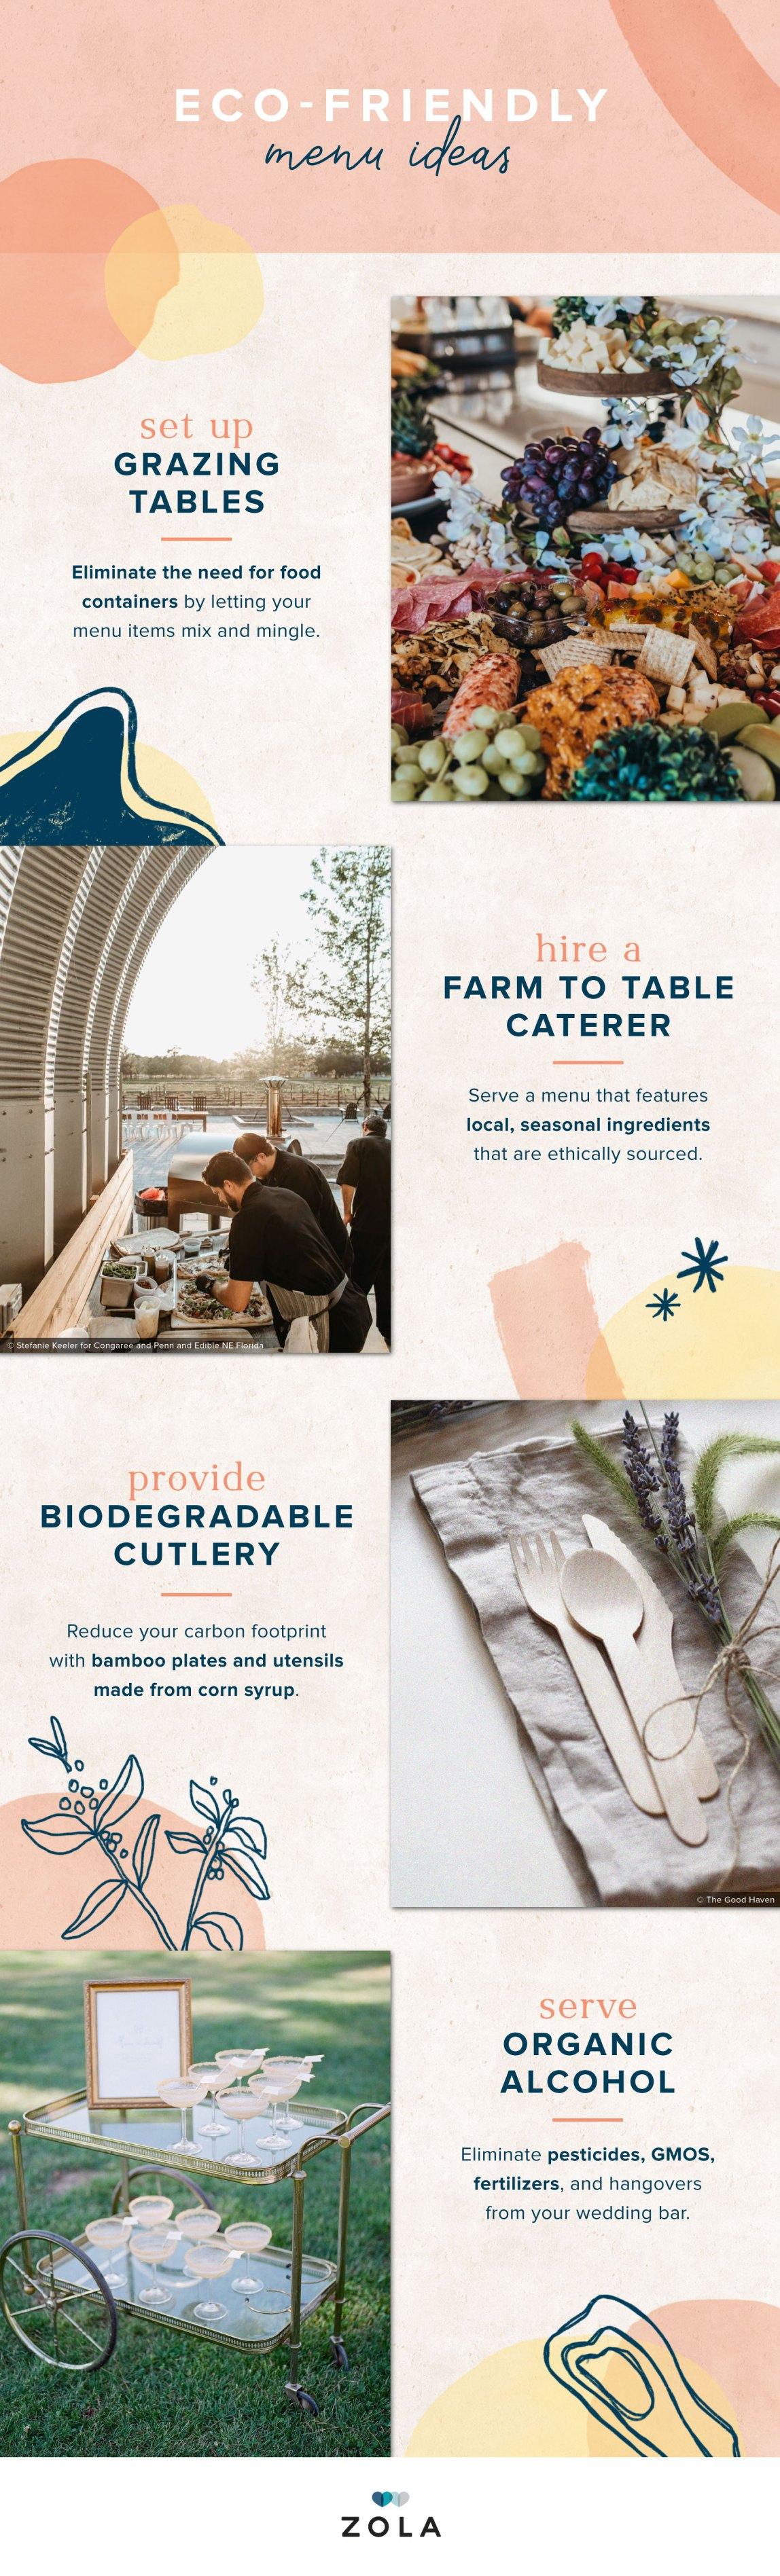 eco-friendly-wedding-menu-ideas